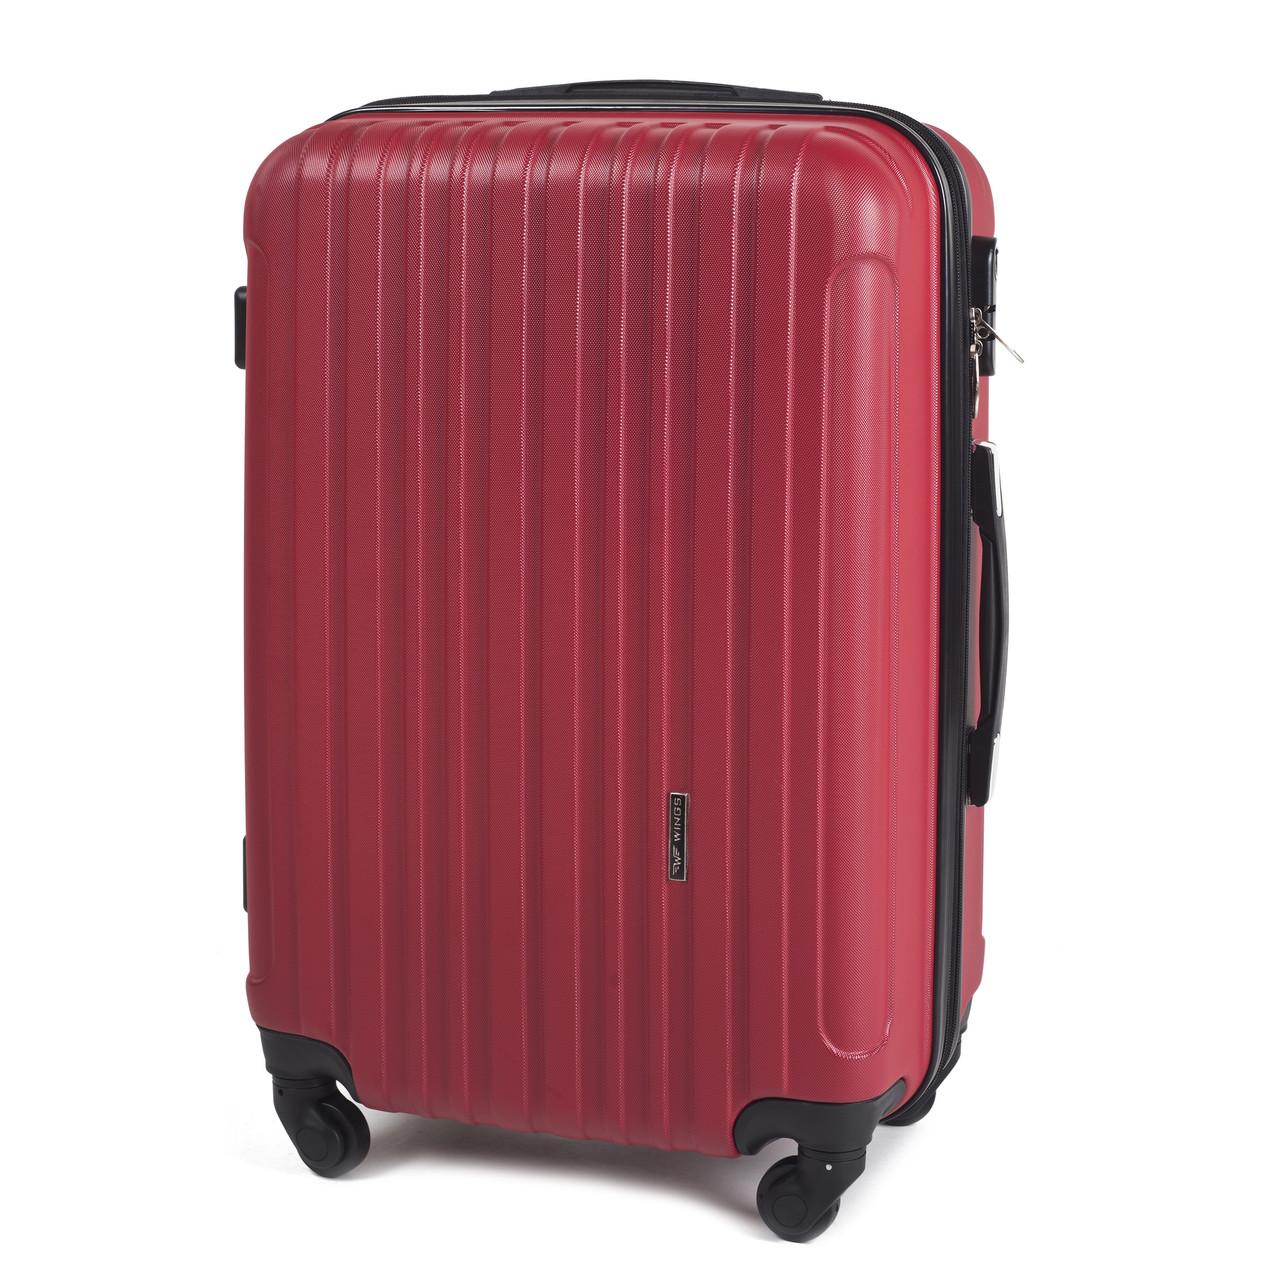 Большой пластиковый чемодан Wings 2011 на 4 колесах красный